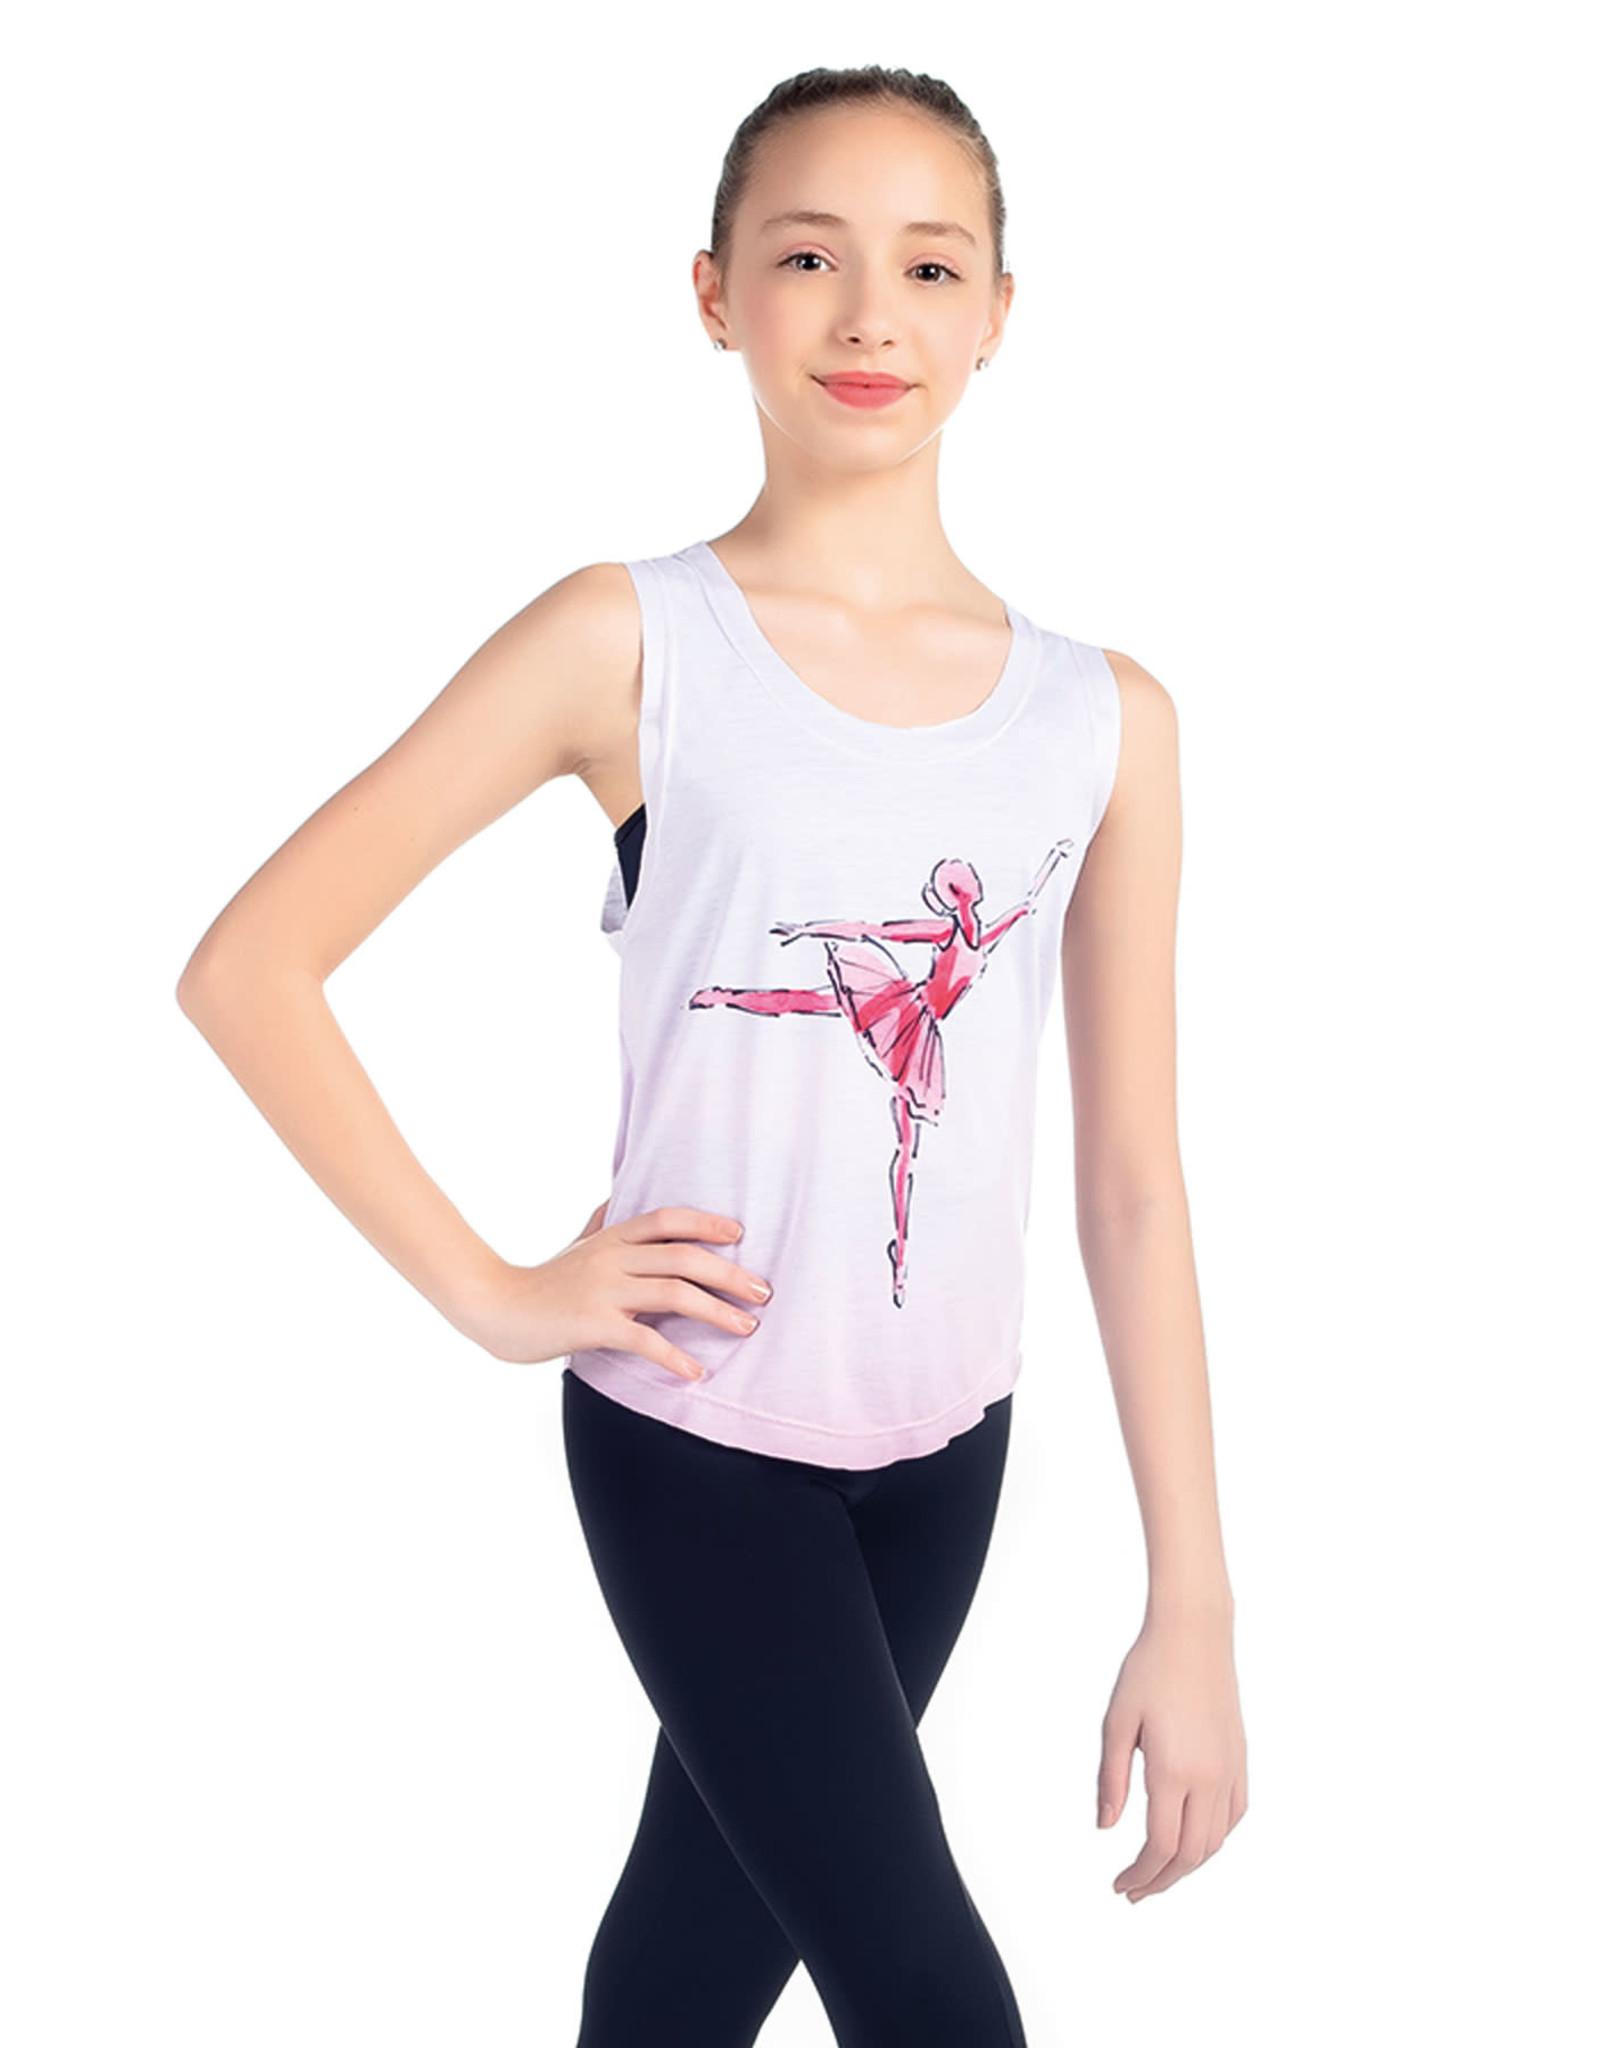 SoDanca SoDanca Kids Ballet Dancer Arebesque Tank